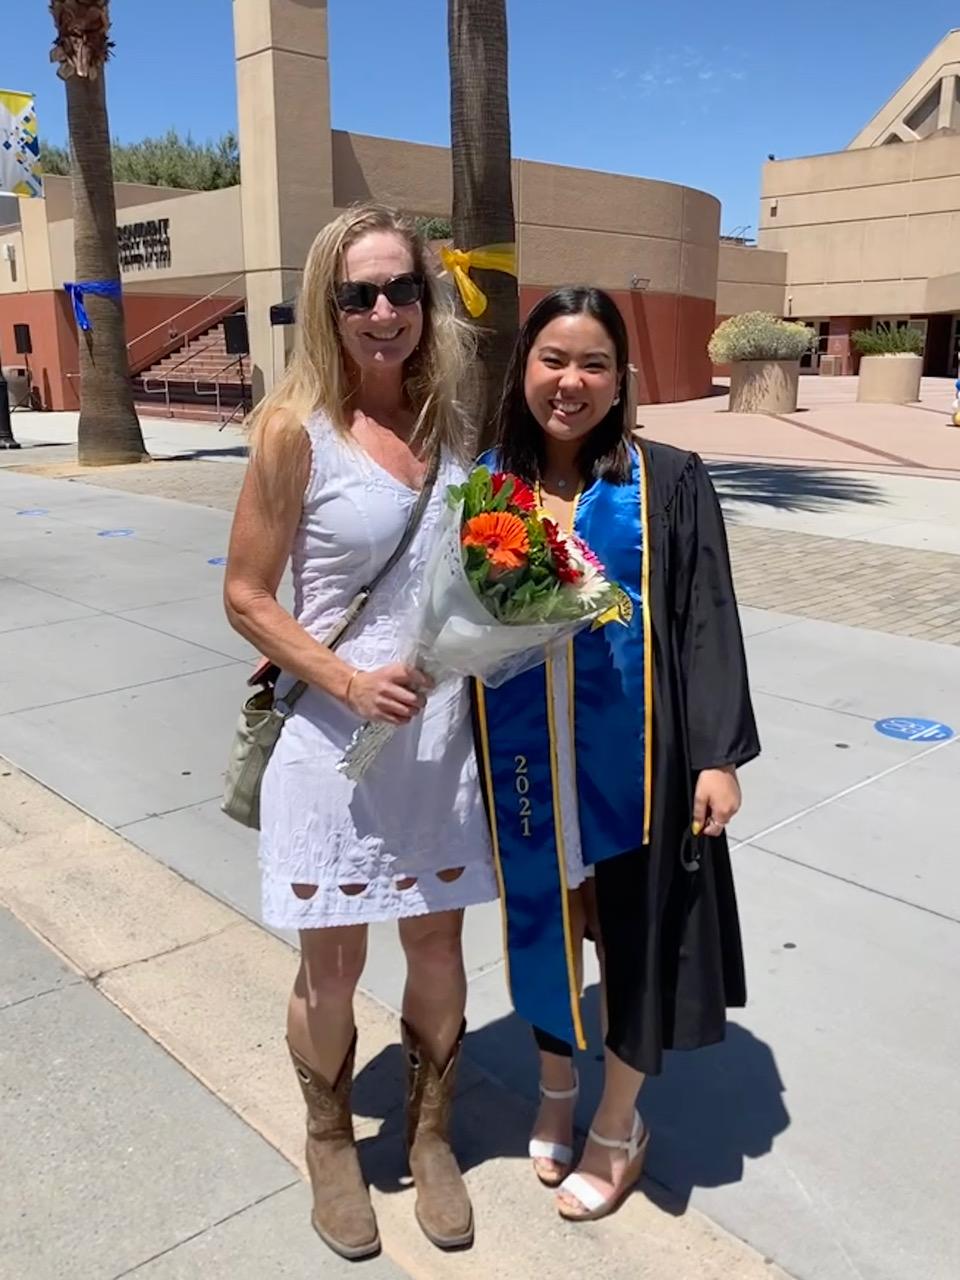 大学を卒業した、多聞さんの次女「トコさん」とアメリカのお母さんジュリー・ブリストルさん=提供・中村多聞さん